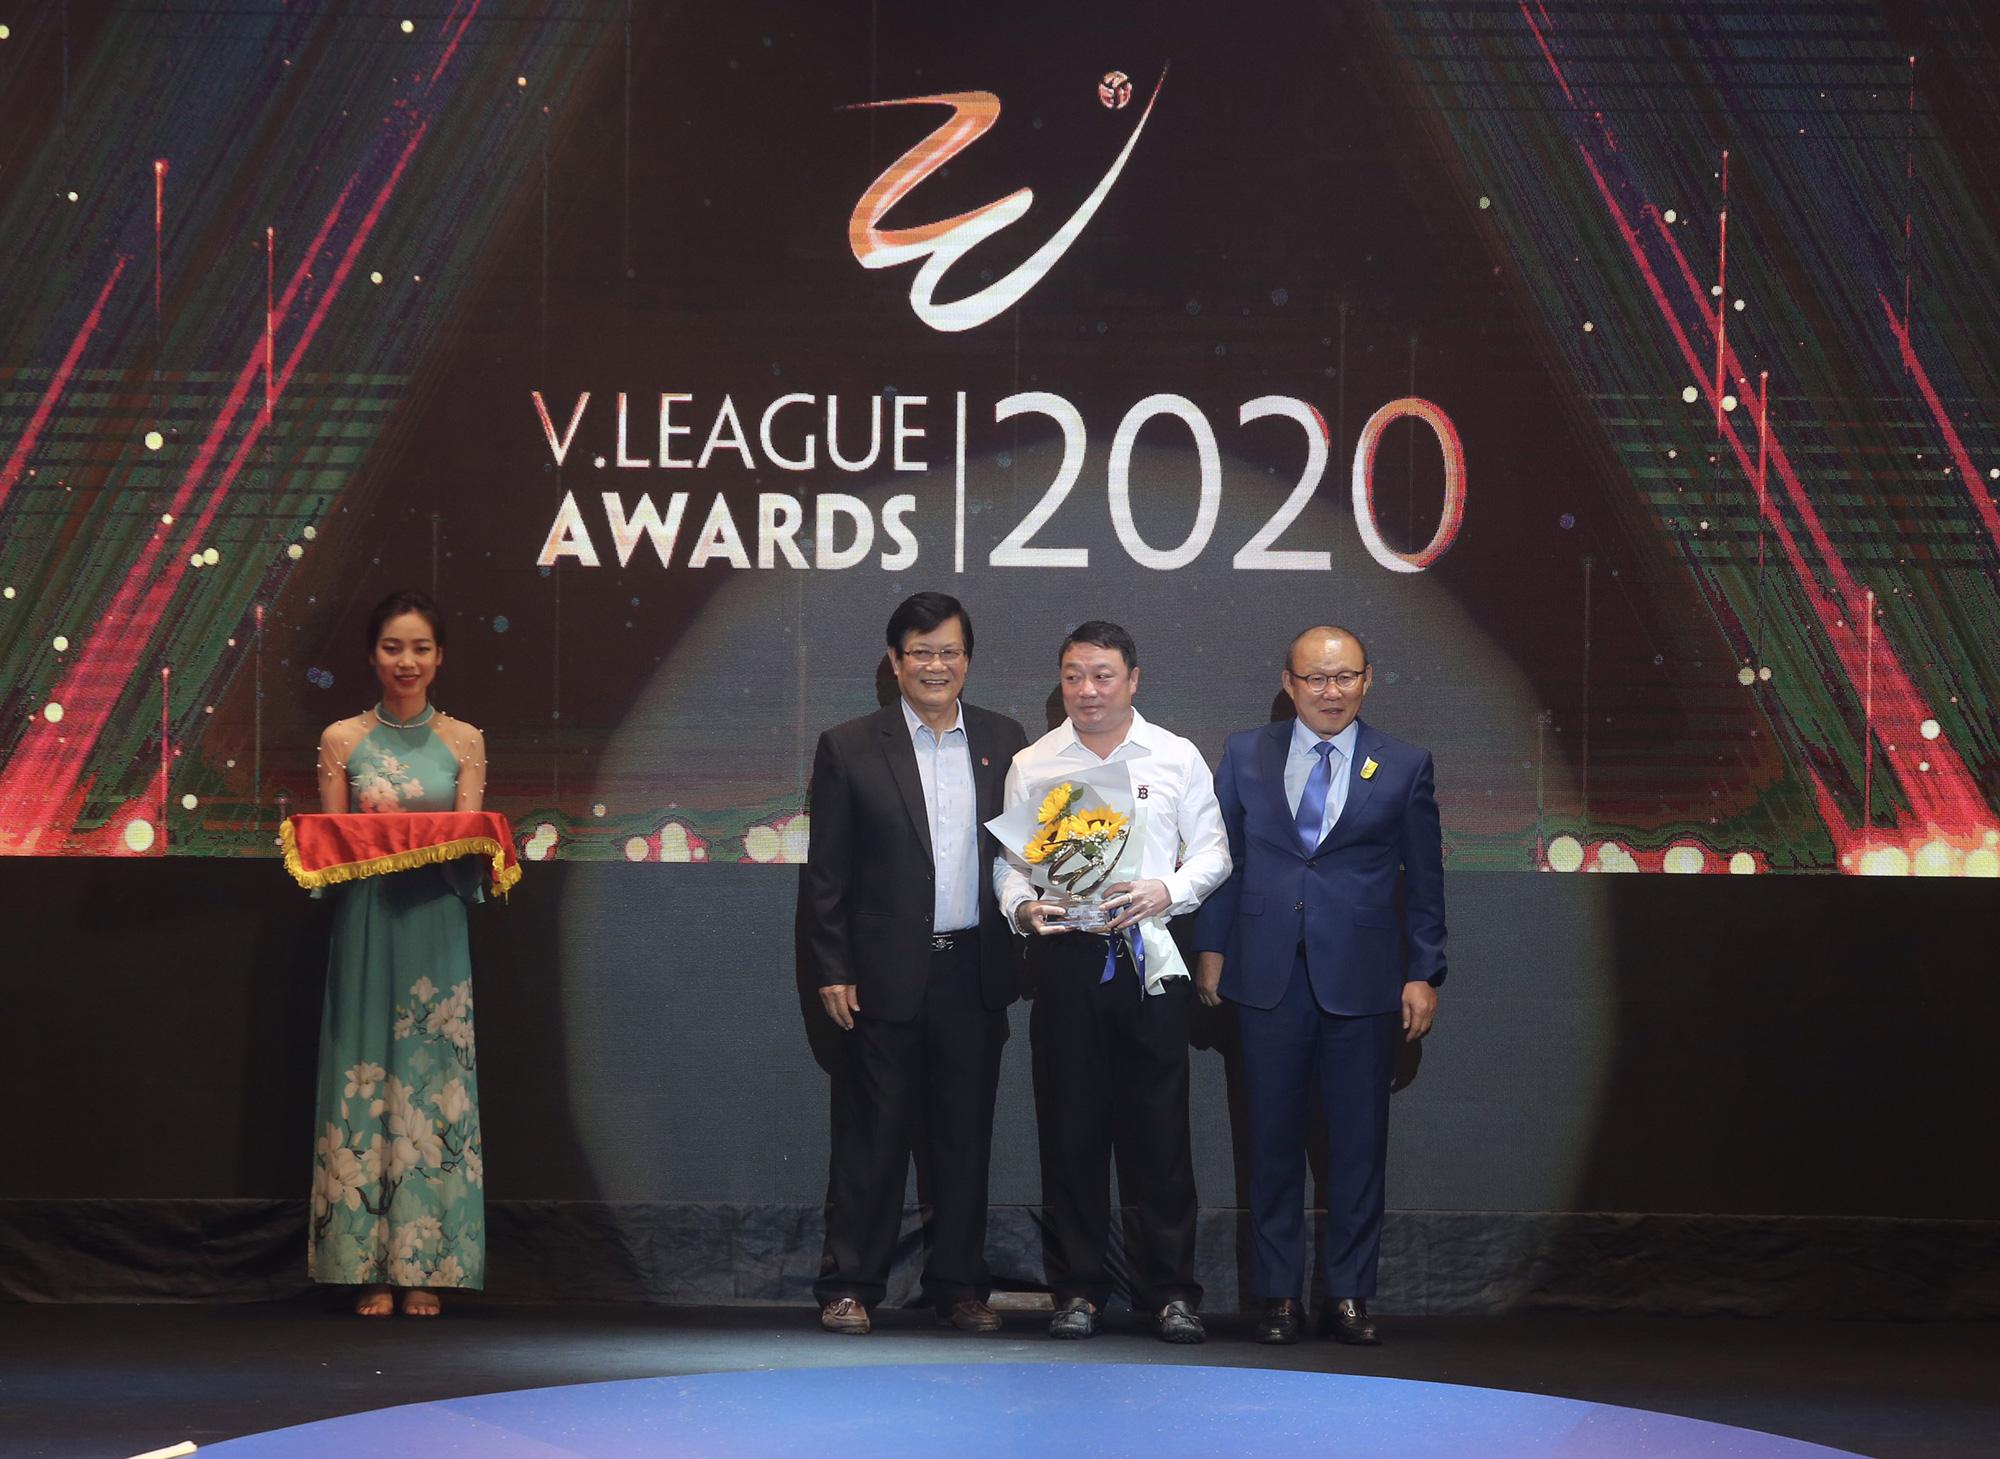 Văn Quyết,HLV Trương Việt Hoàng tỏa sáng tại V.League Awards 2020 - Ảnh 4.